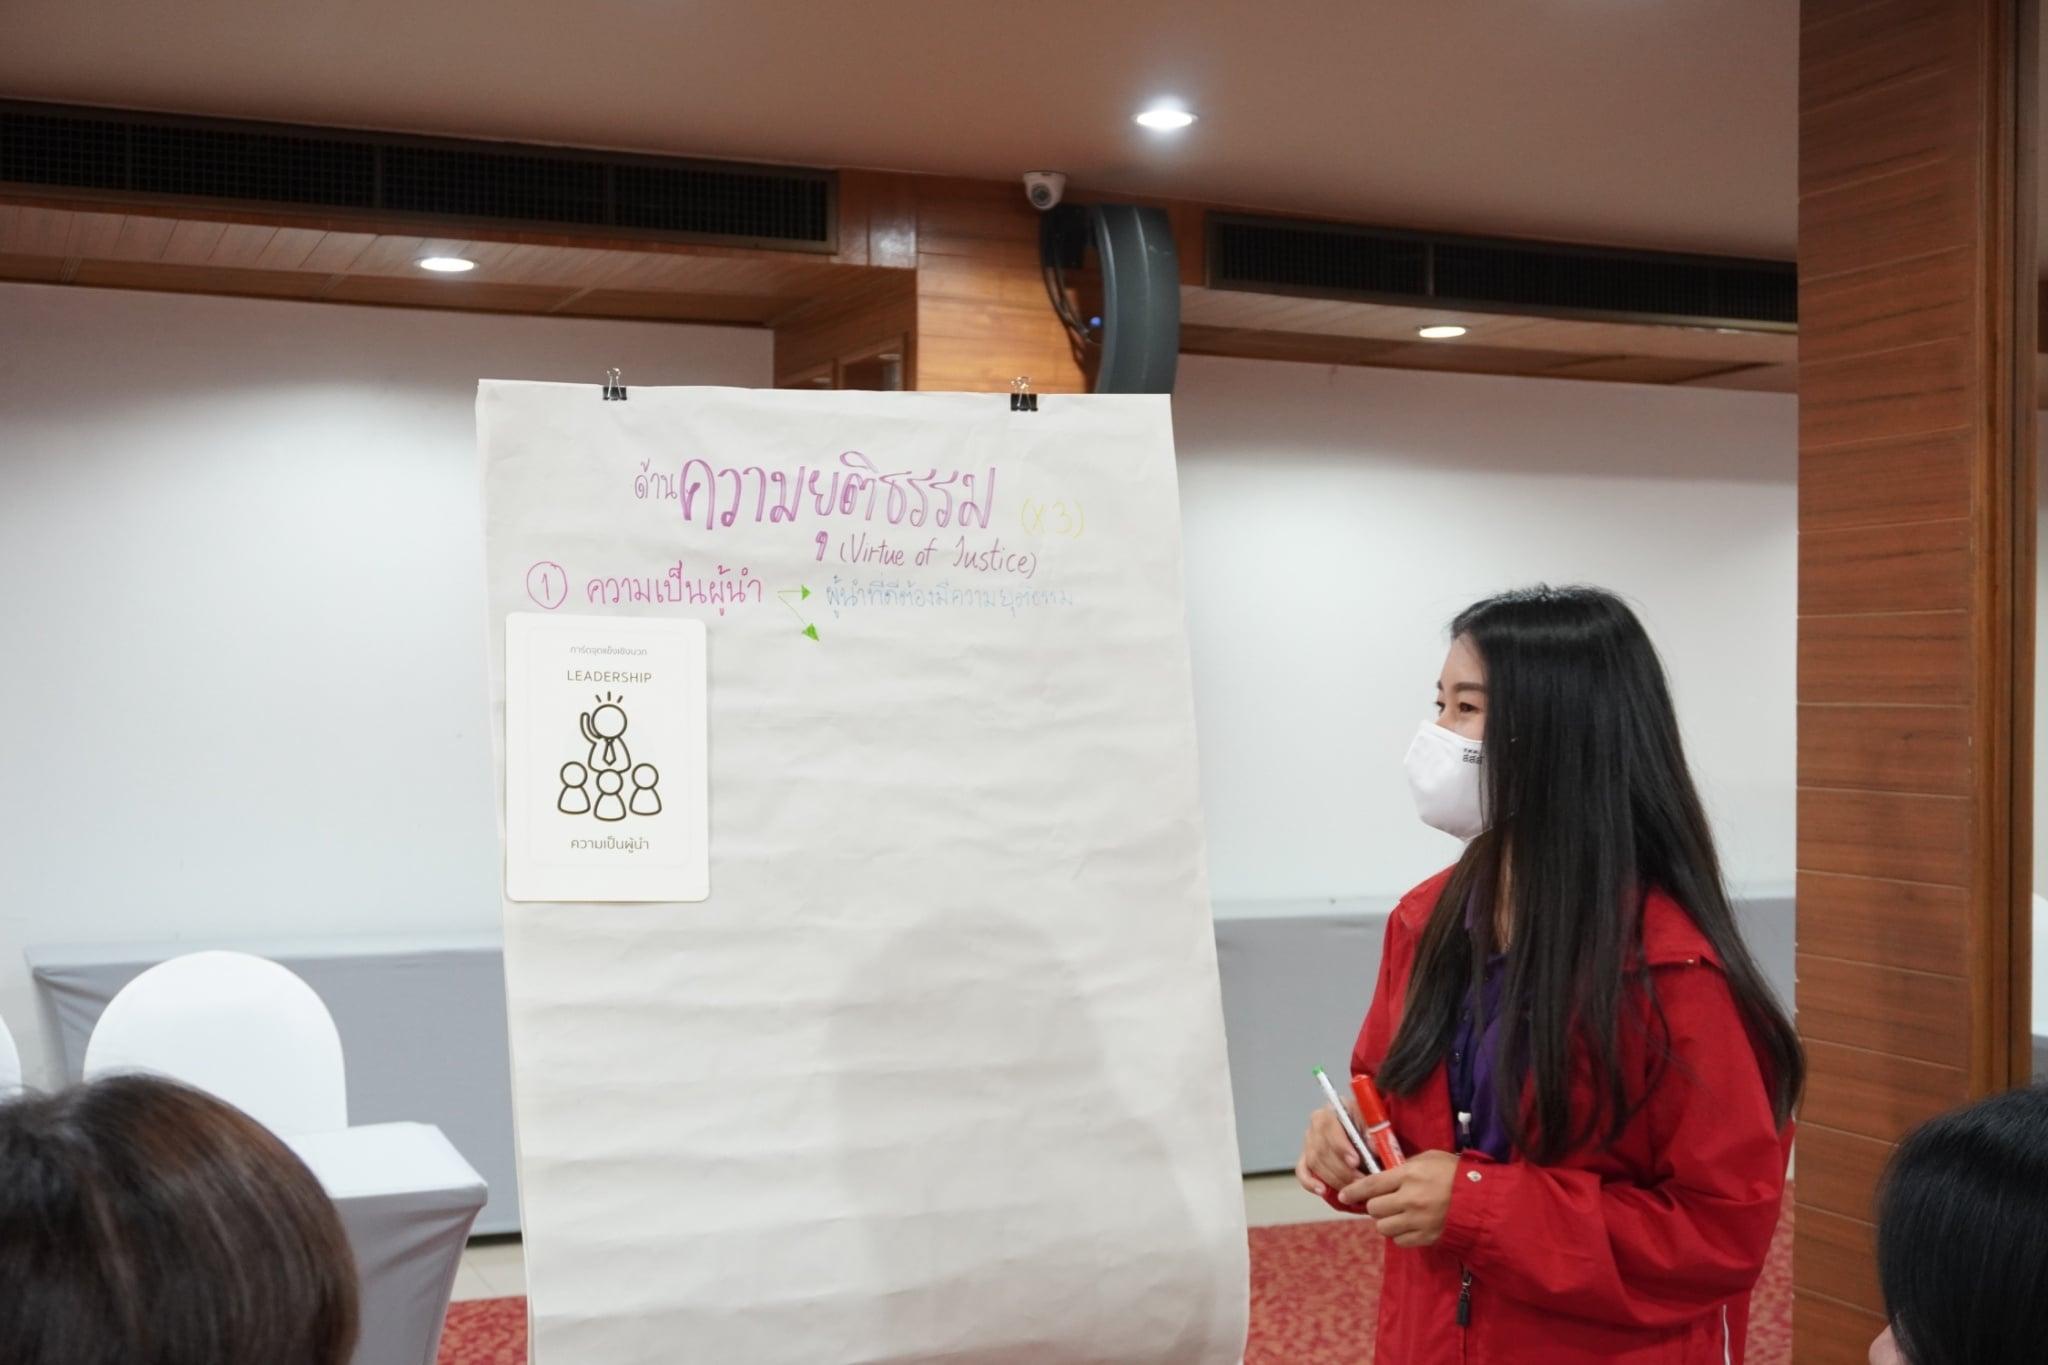 บันทึกการเดินทางของโครงการ FamSkool 2020-21 ภาคเหนือ Module 1 (21)